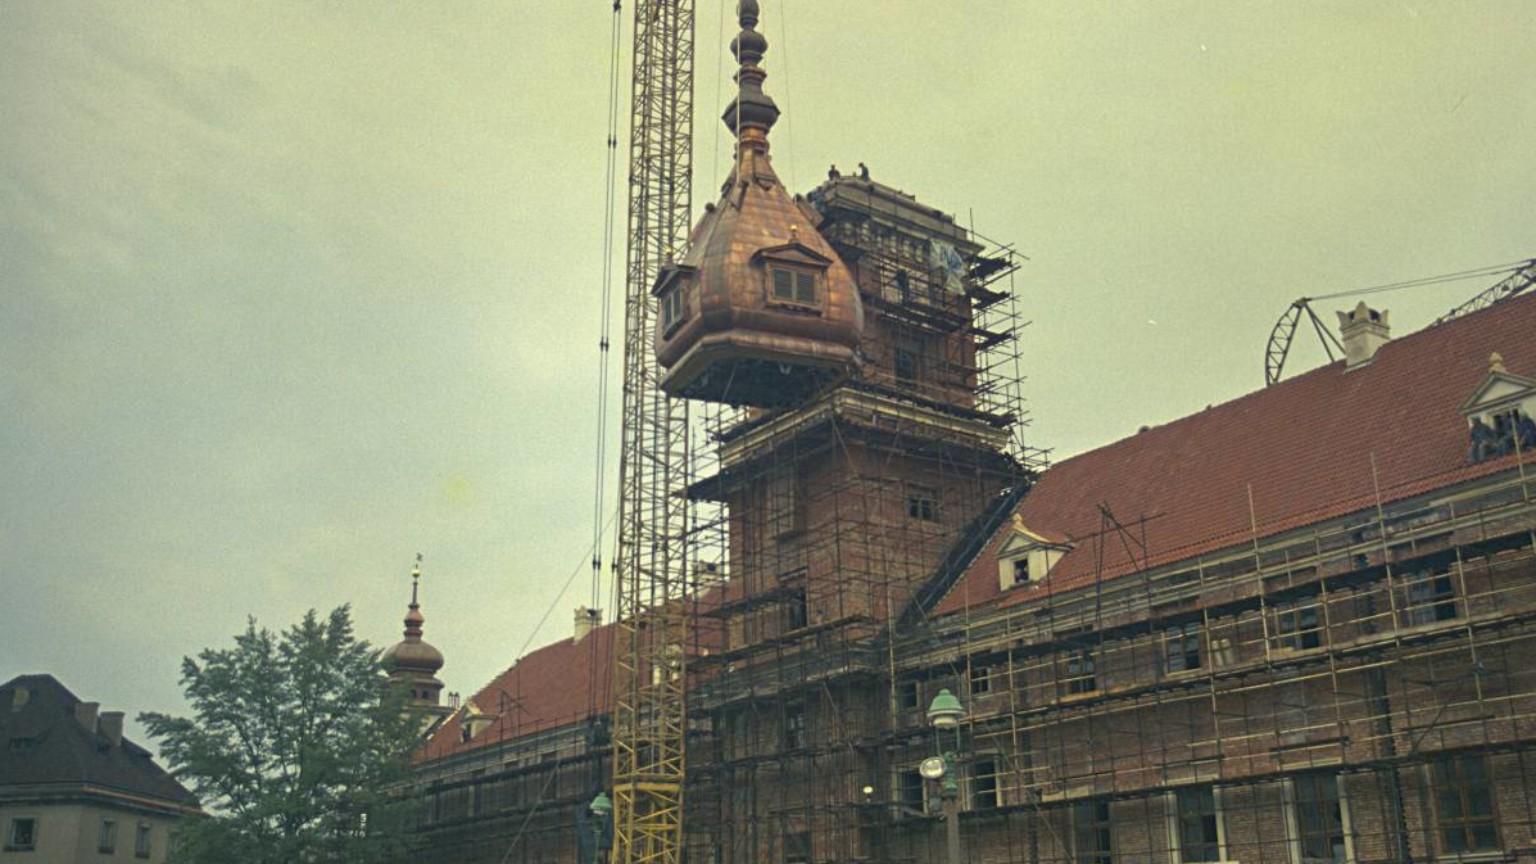 Zdjęcie dla kartki: Zamek Królewski (od)zyskuje wieżę